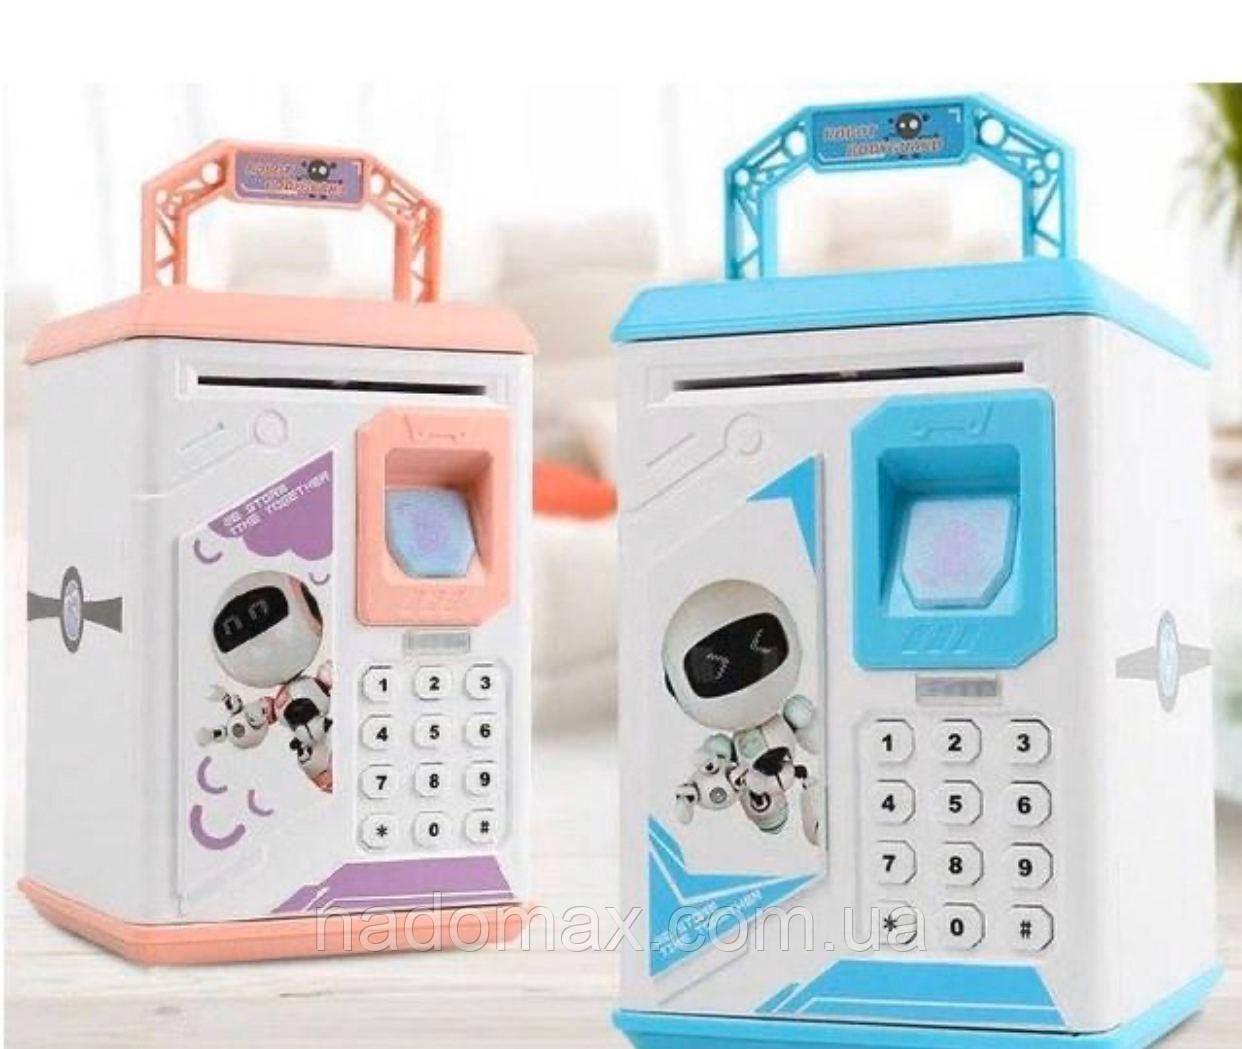 Электронная Копилка сейф с отпечатком пальца и кодовым замком 906